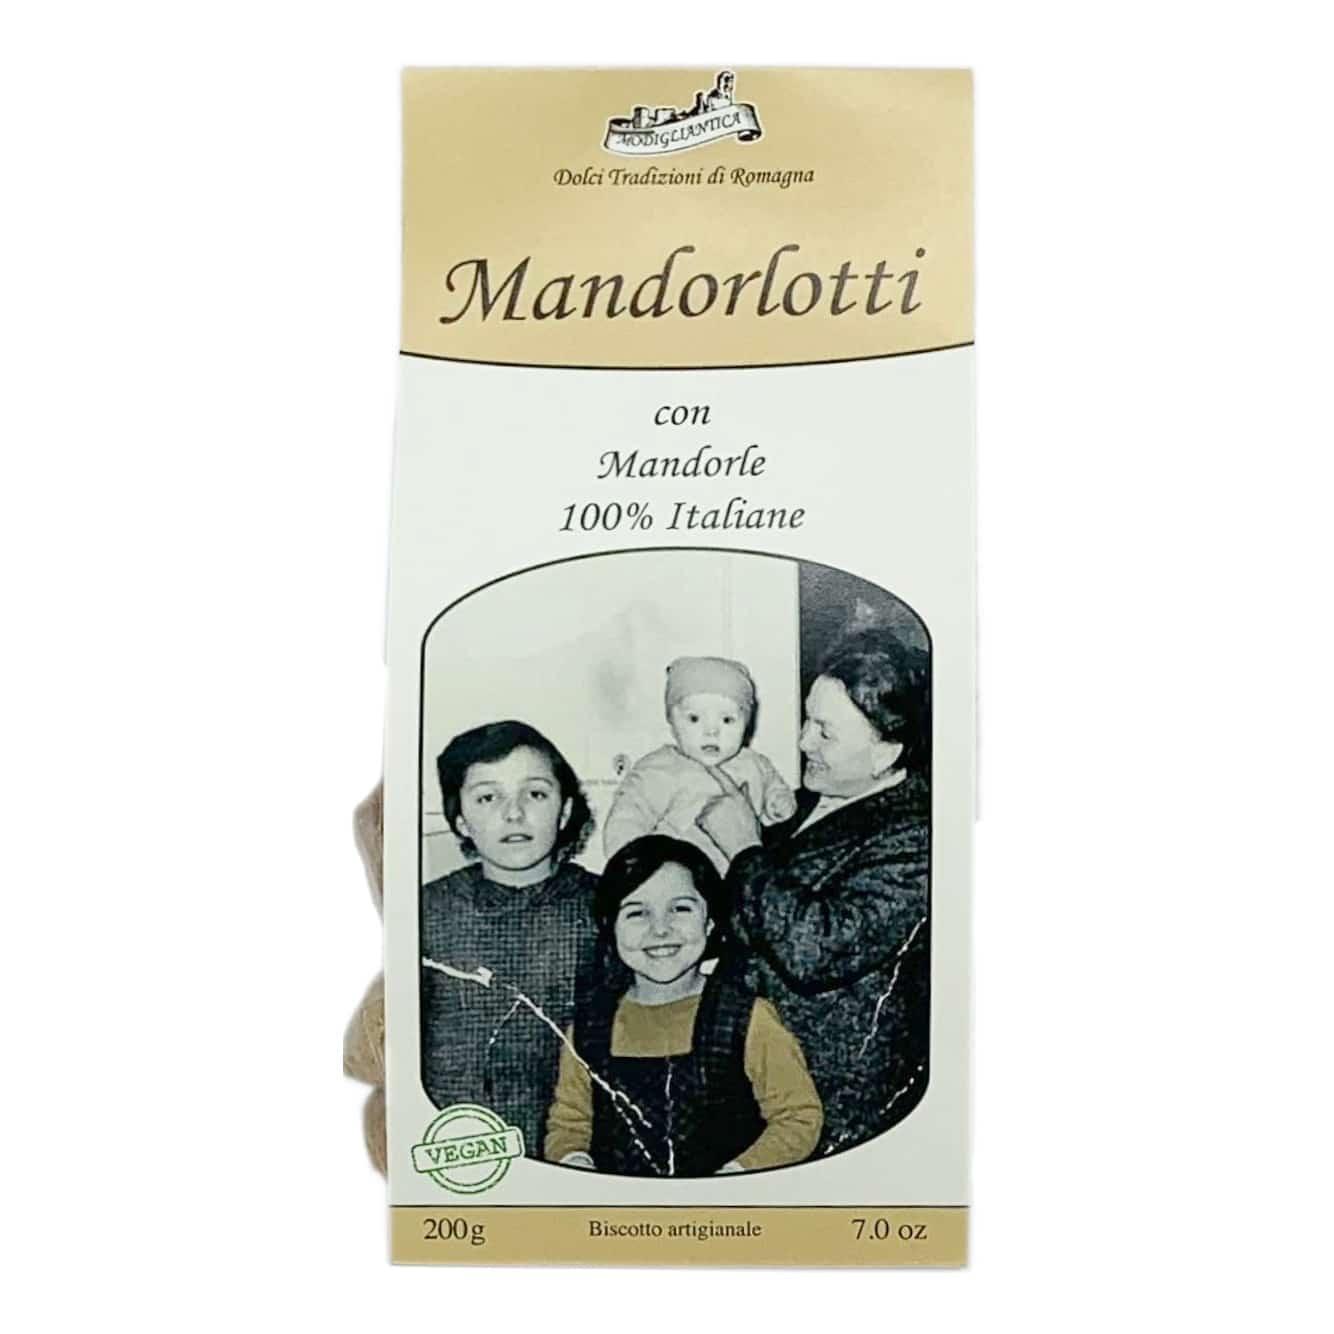 MANDORLOTTI CON MANDORLE 100% ITALIANE Biscotti VEGAN Modigliantica